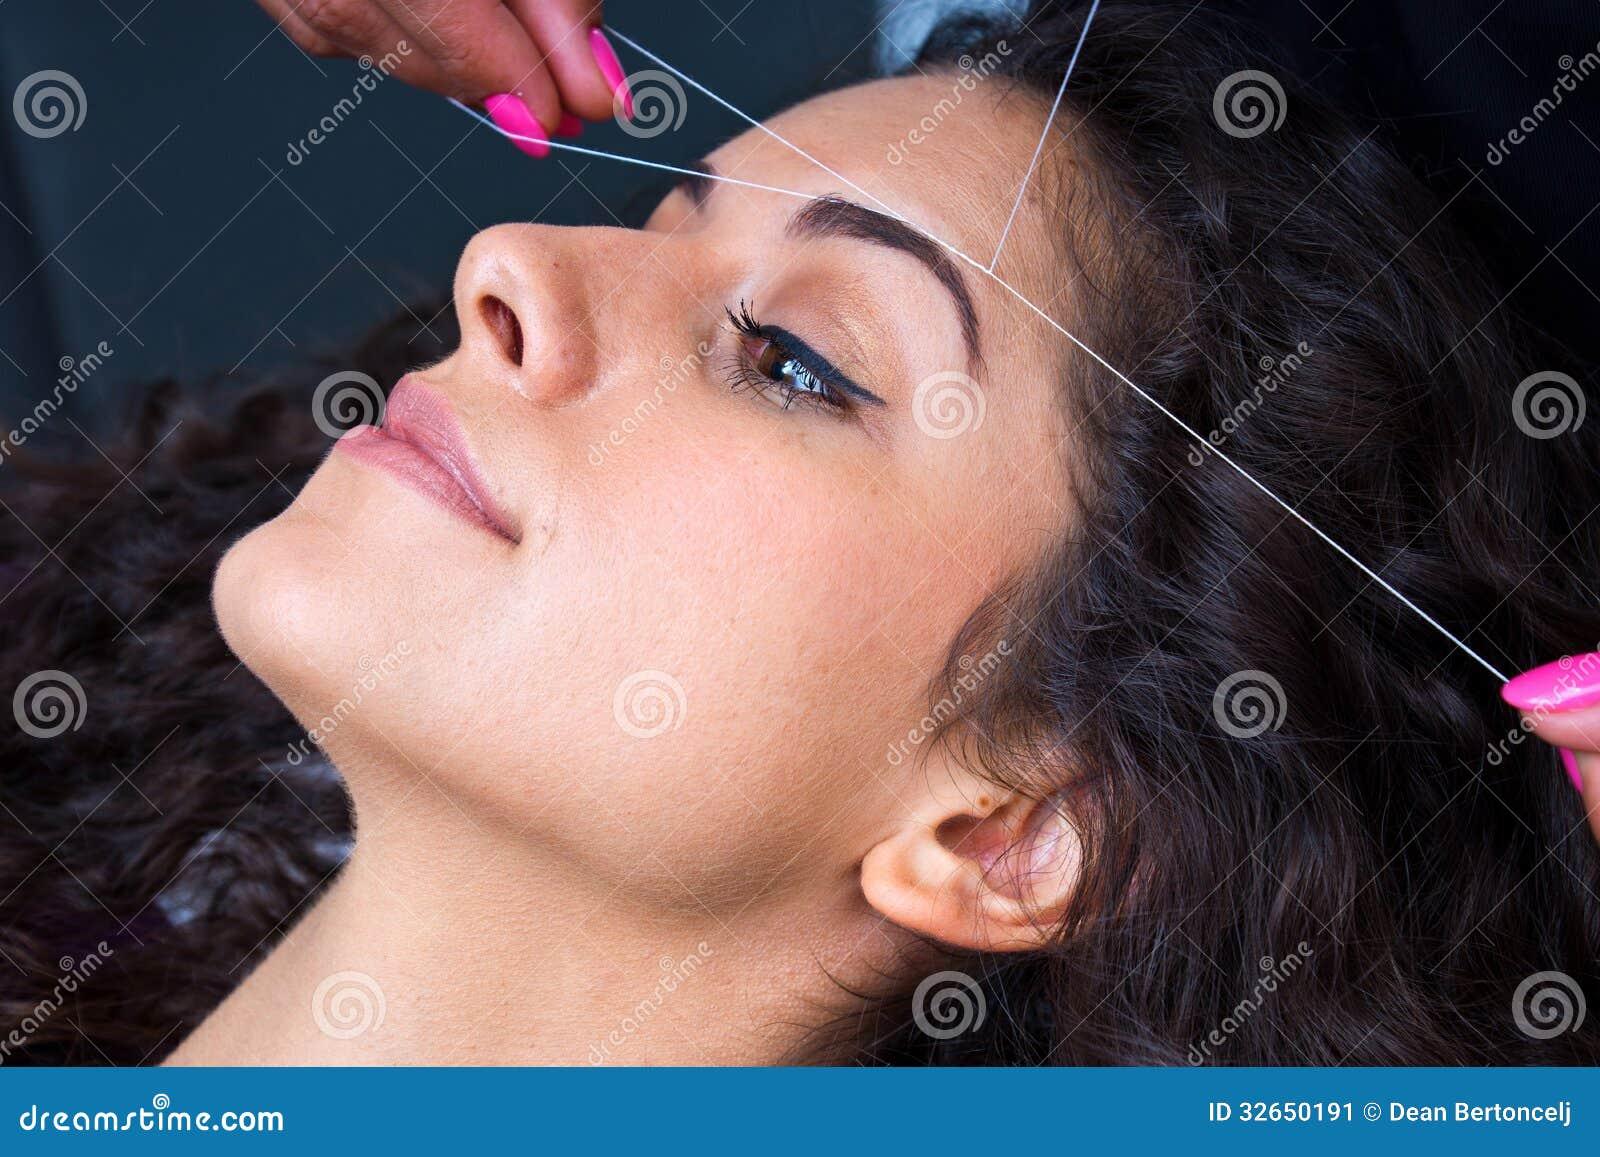 Γυναίκα στην του προσώπου αφαίρεση τρίχας που περνά κλωστή στη διαδικασία